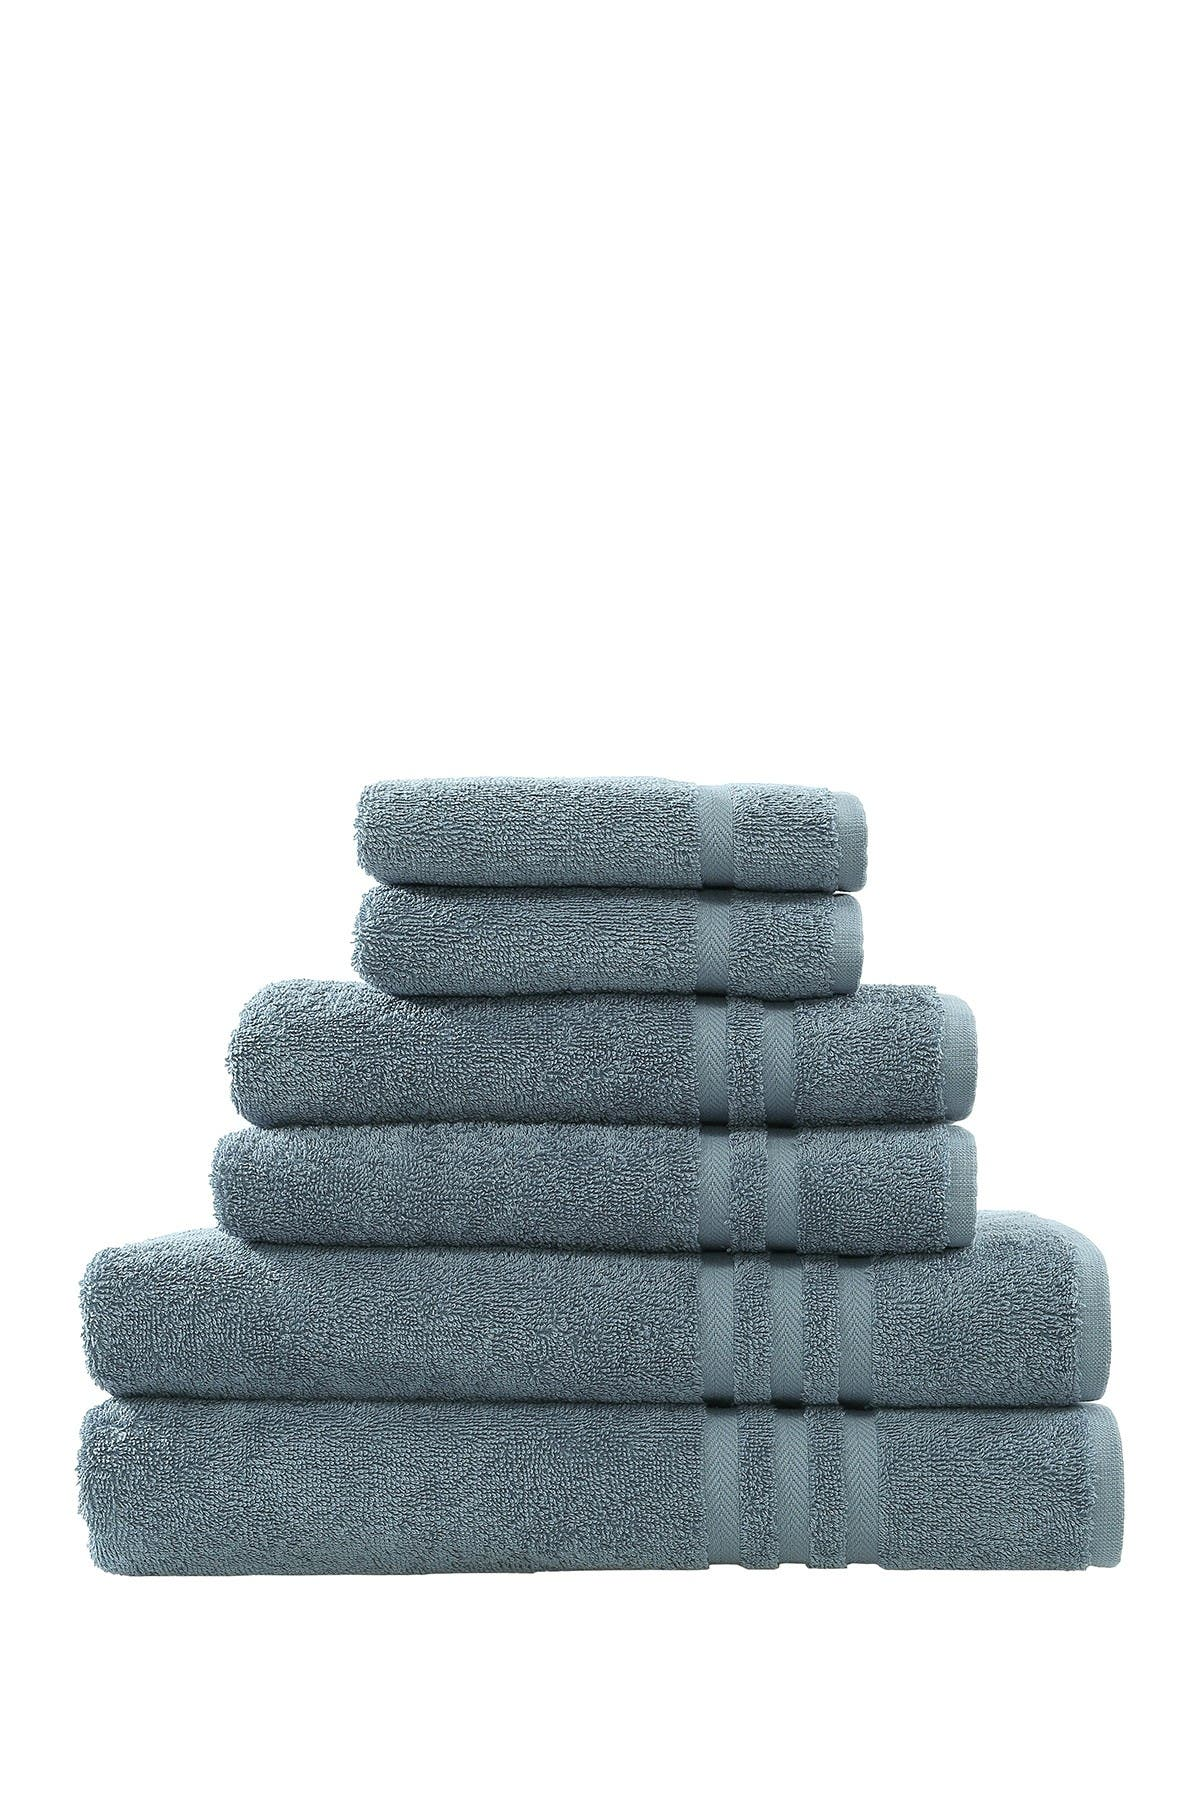 Image of LINUM HOME Denzi 6-Piece Towel Set - Denzi Blue